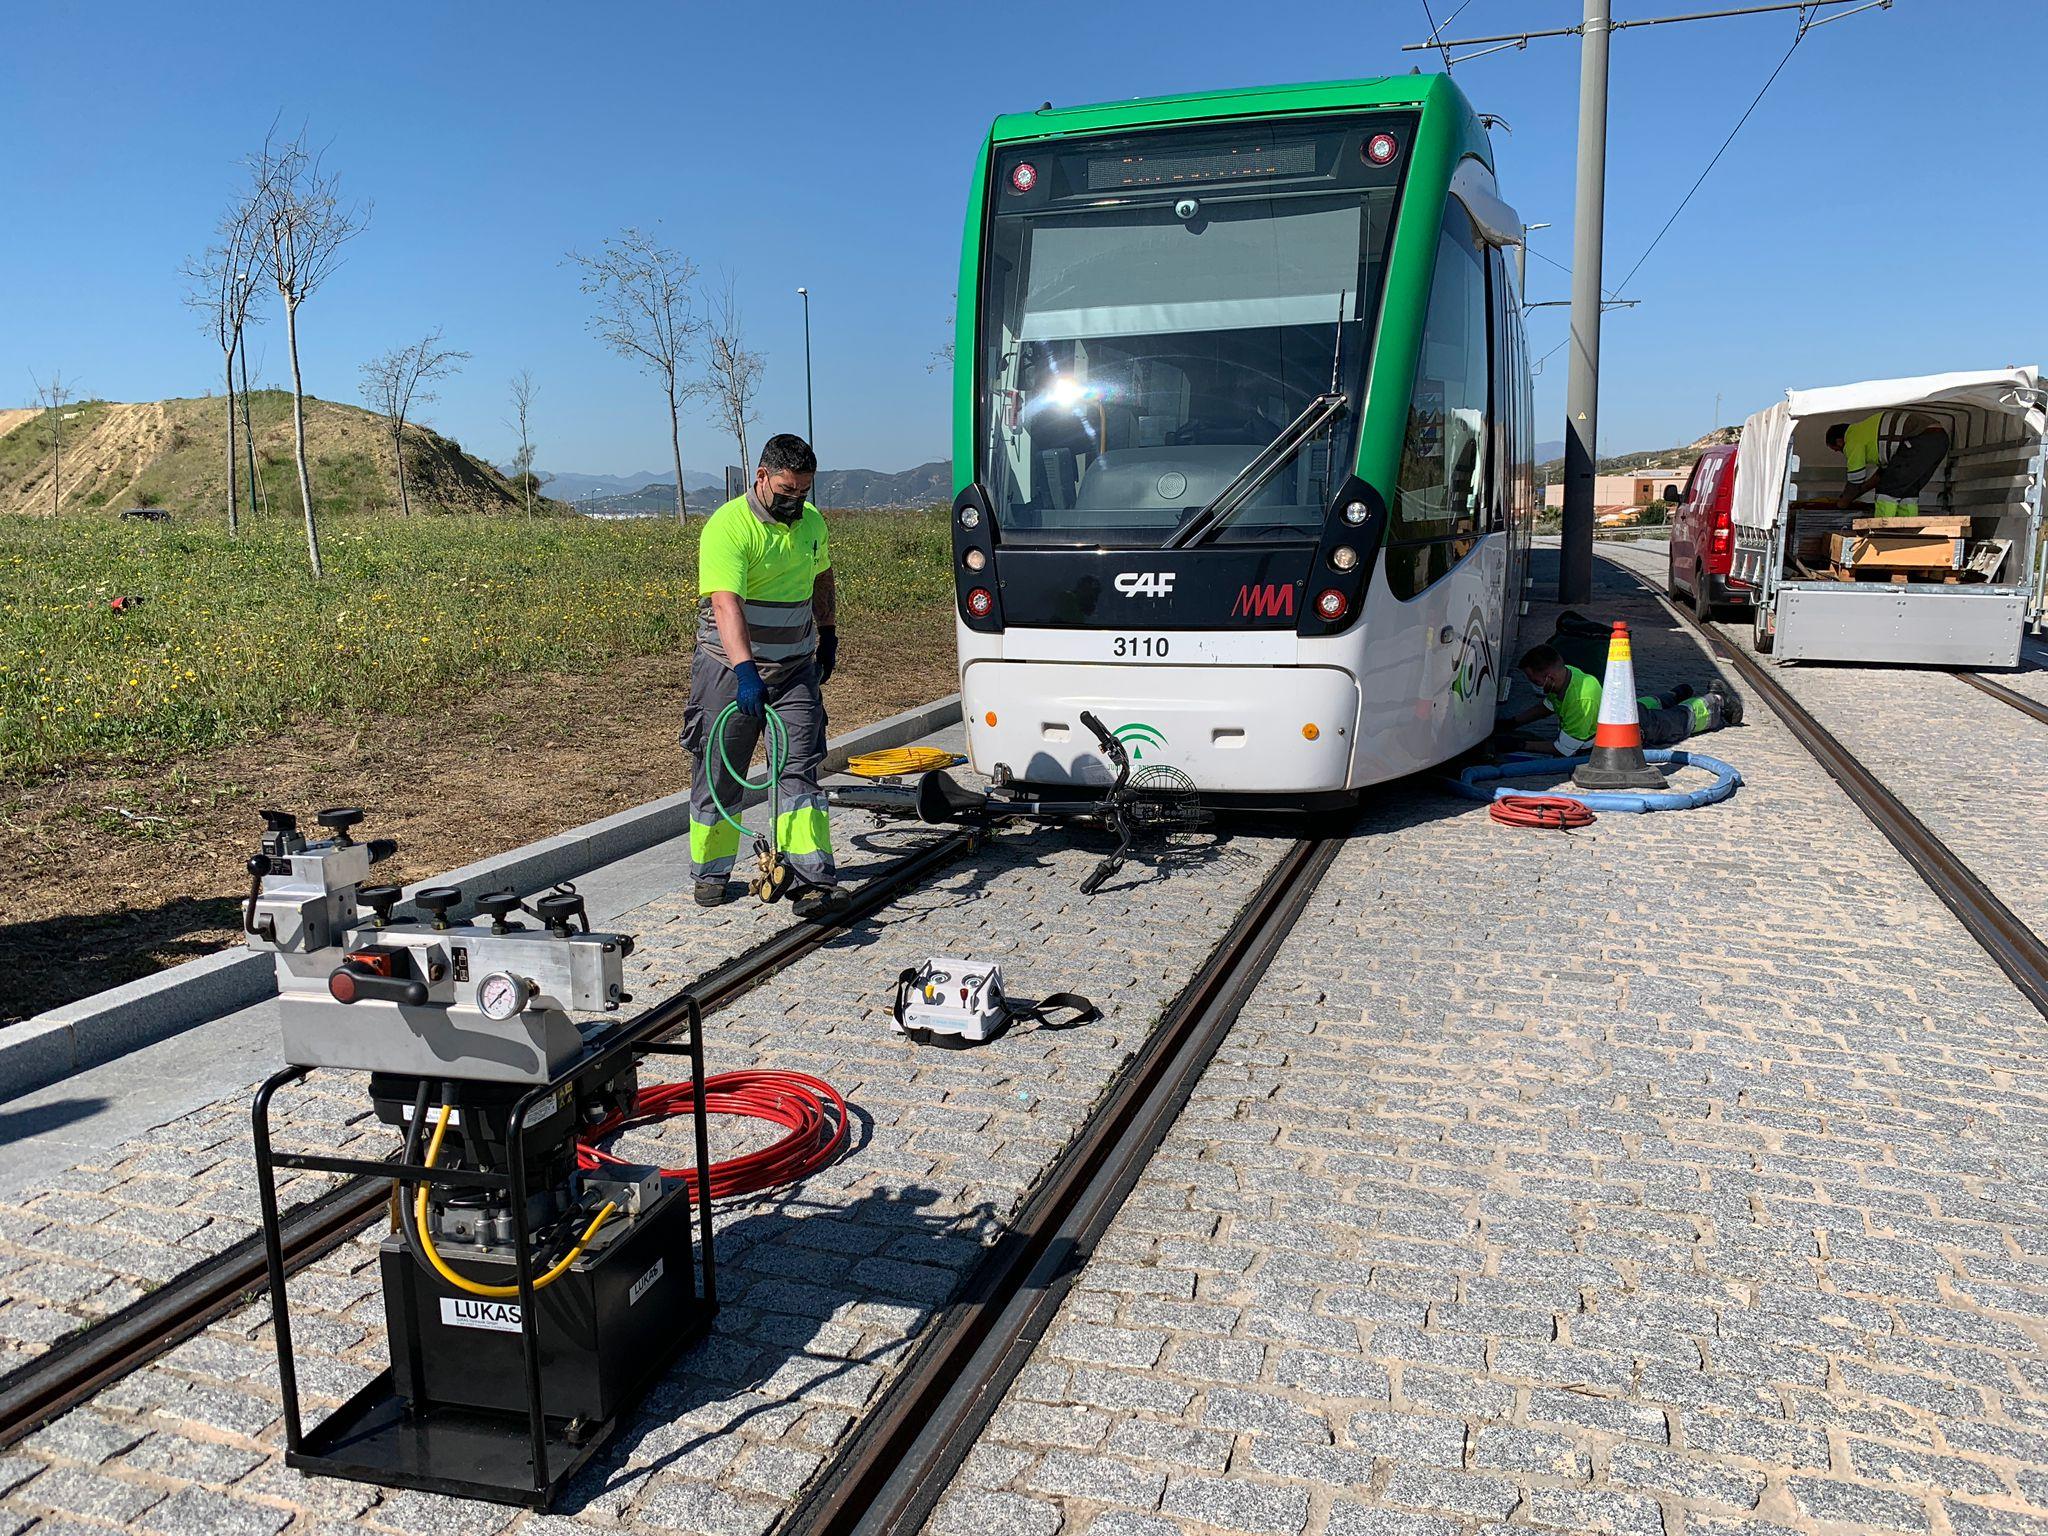 Simulacro de descarrilamiento tras atrapamiento de una bicicleta bajo el tren de Metro de Málaga